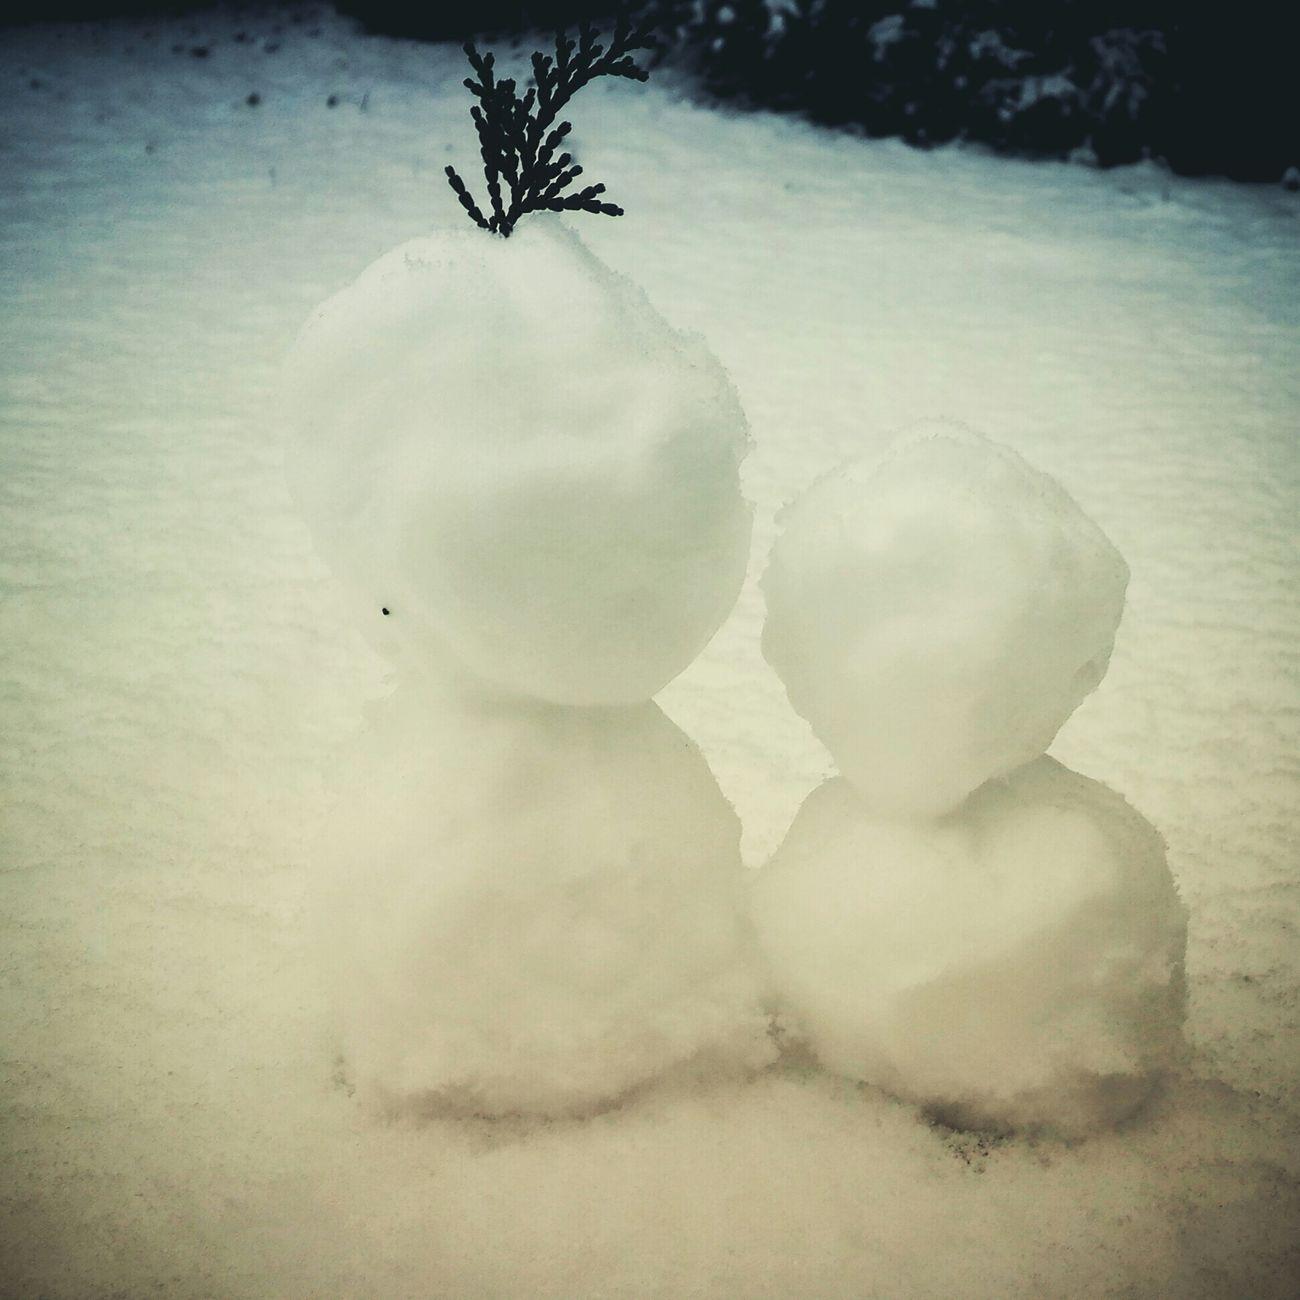 Snowman Snowman... Snowman:) Snowman!!!(: Snowman⛄ Mini Snowman Enjoying Life ♥